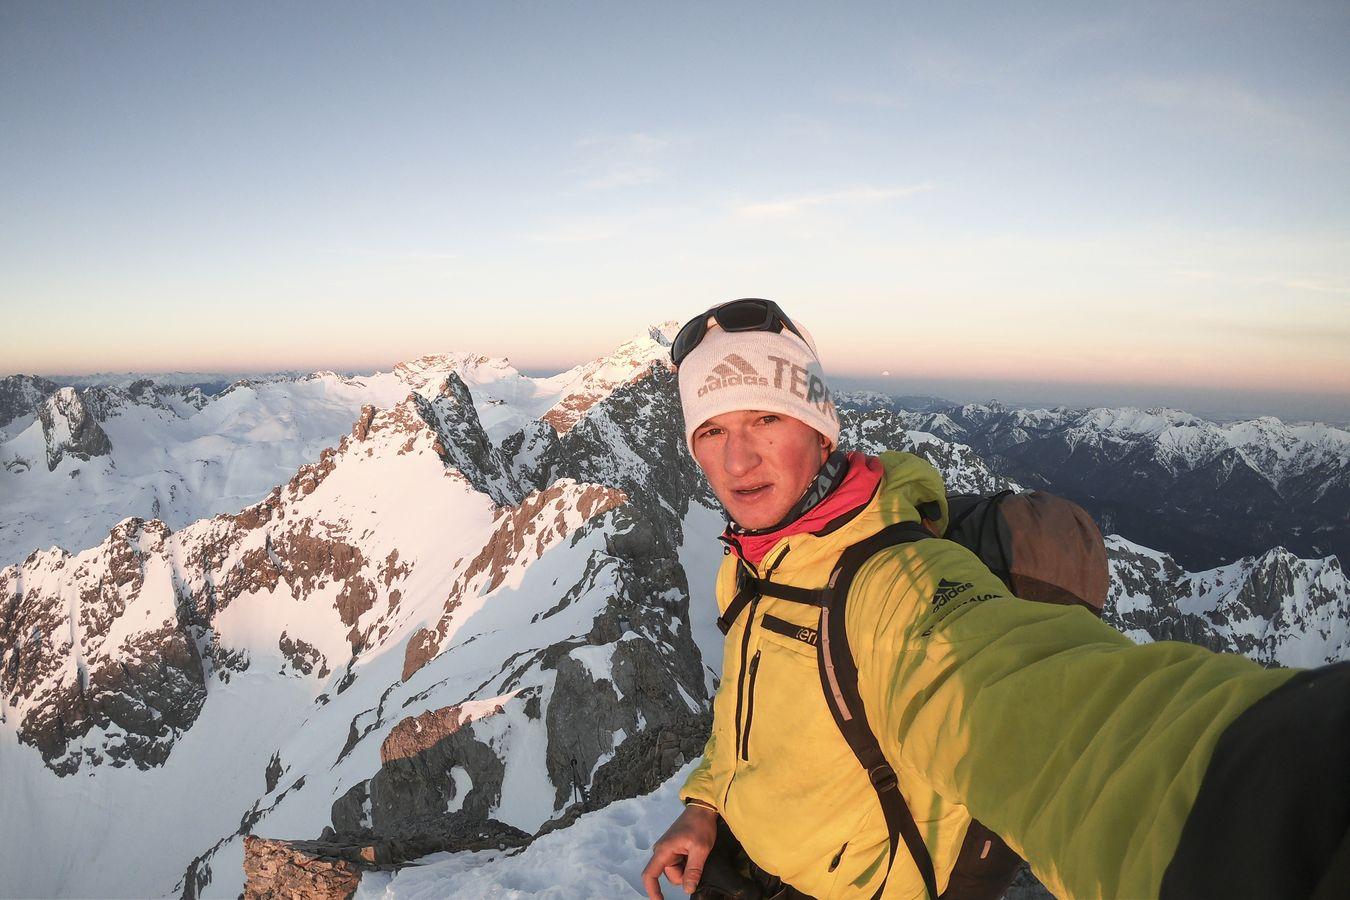 Michi Wohlleben überquert das Wettersteingebirge Solo